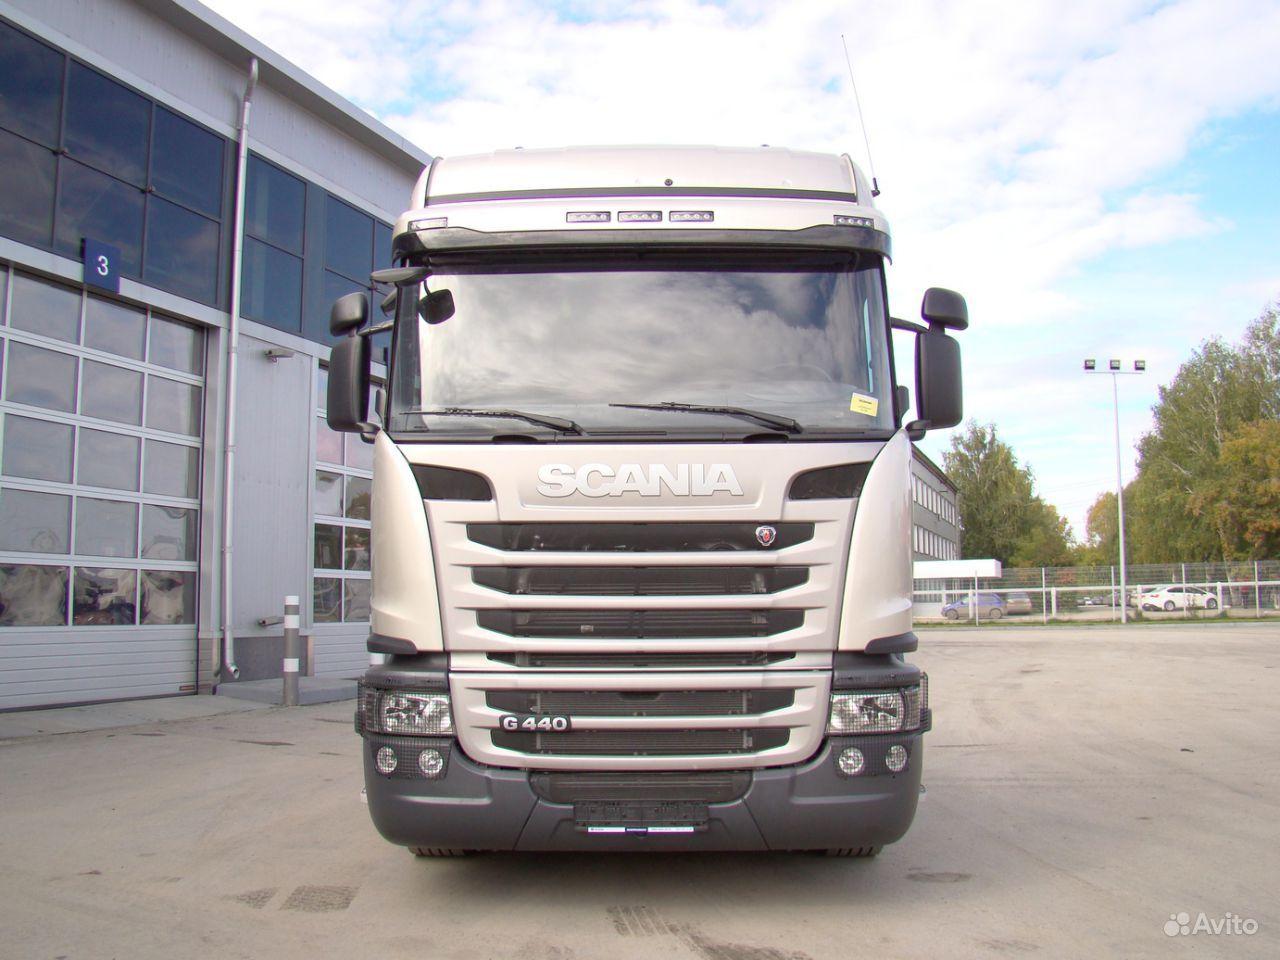 Scania g440 la4x2hna highline griffin 2015 фотография